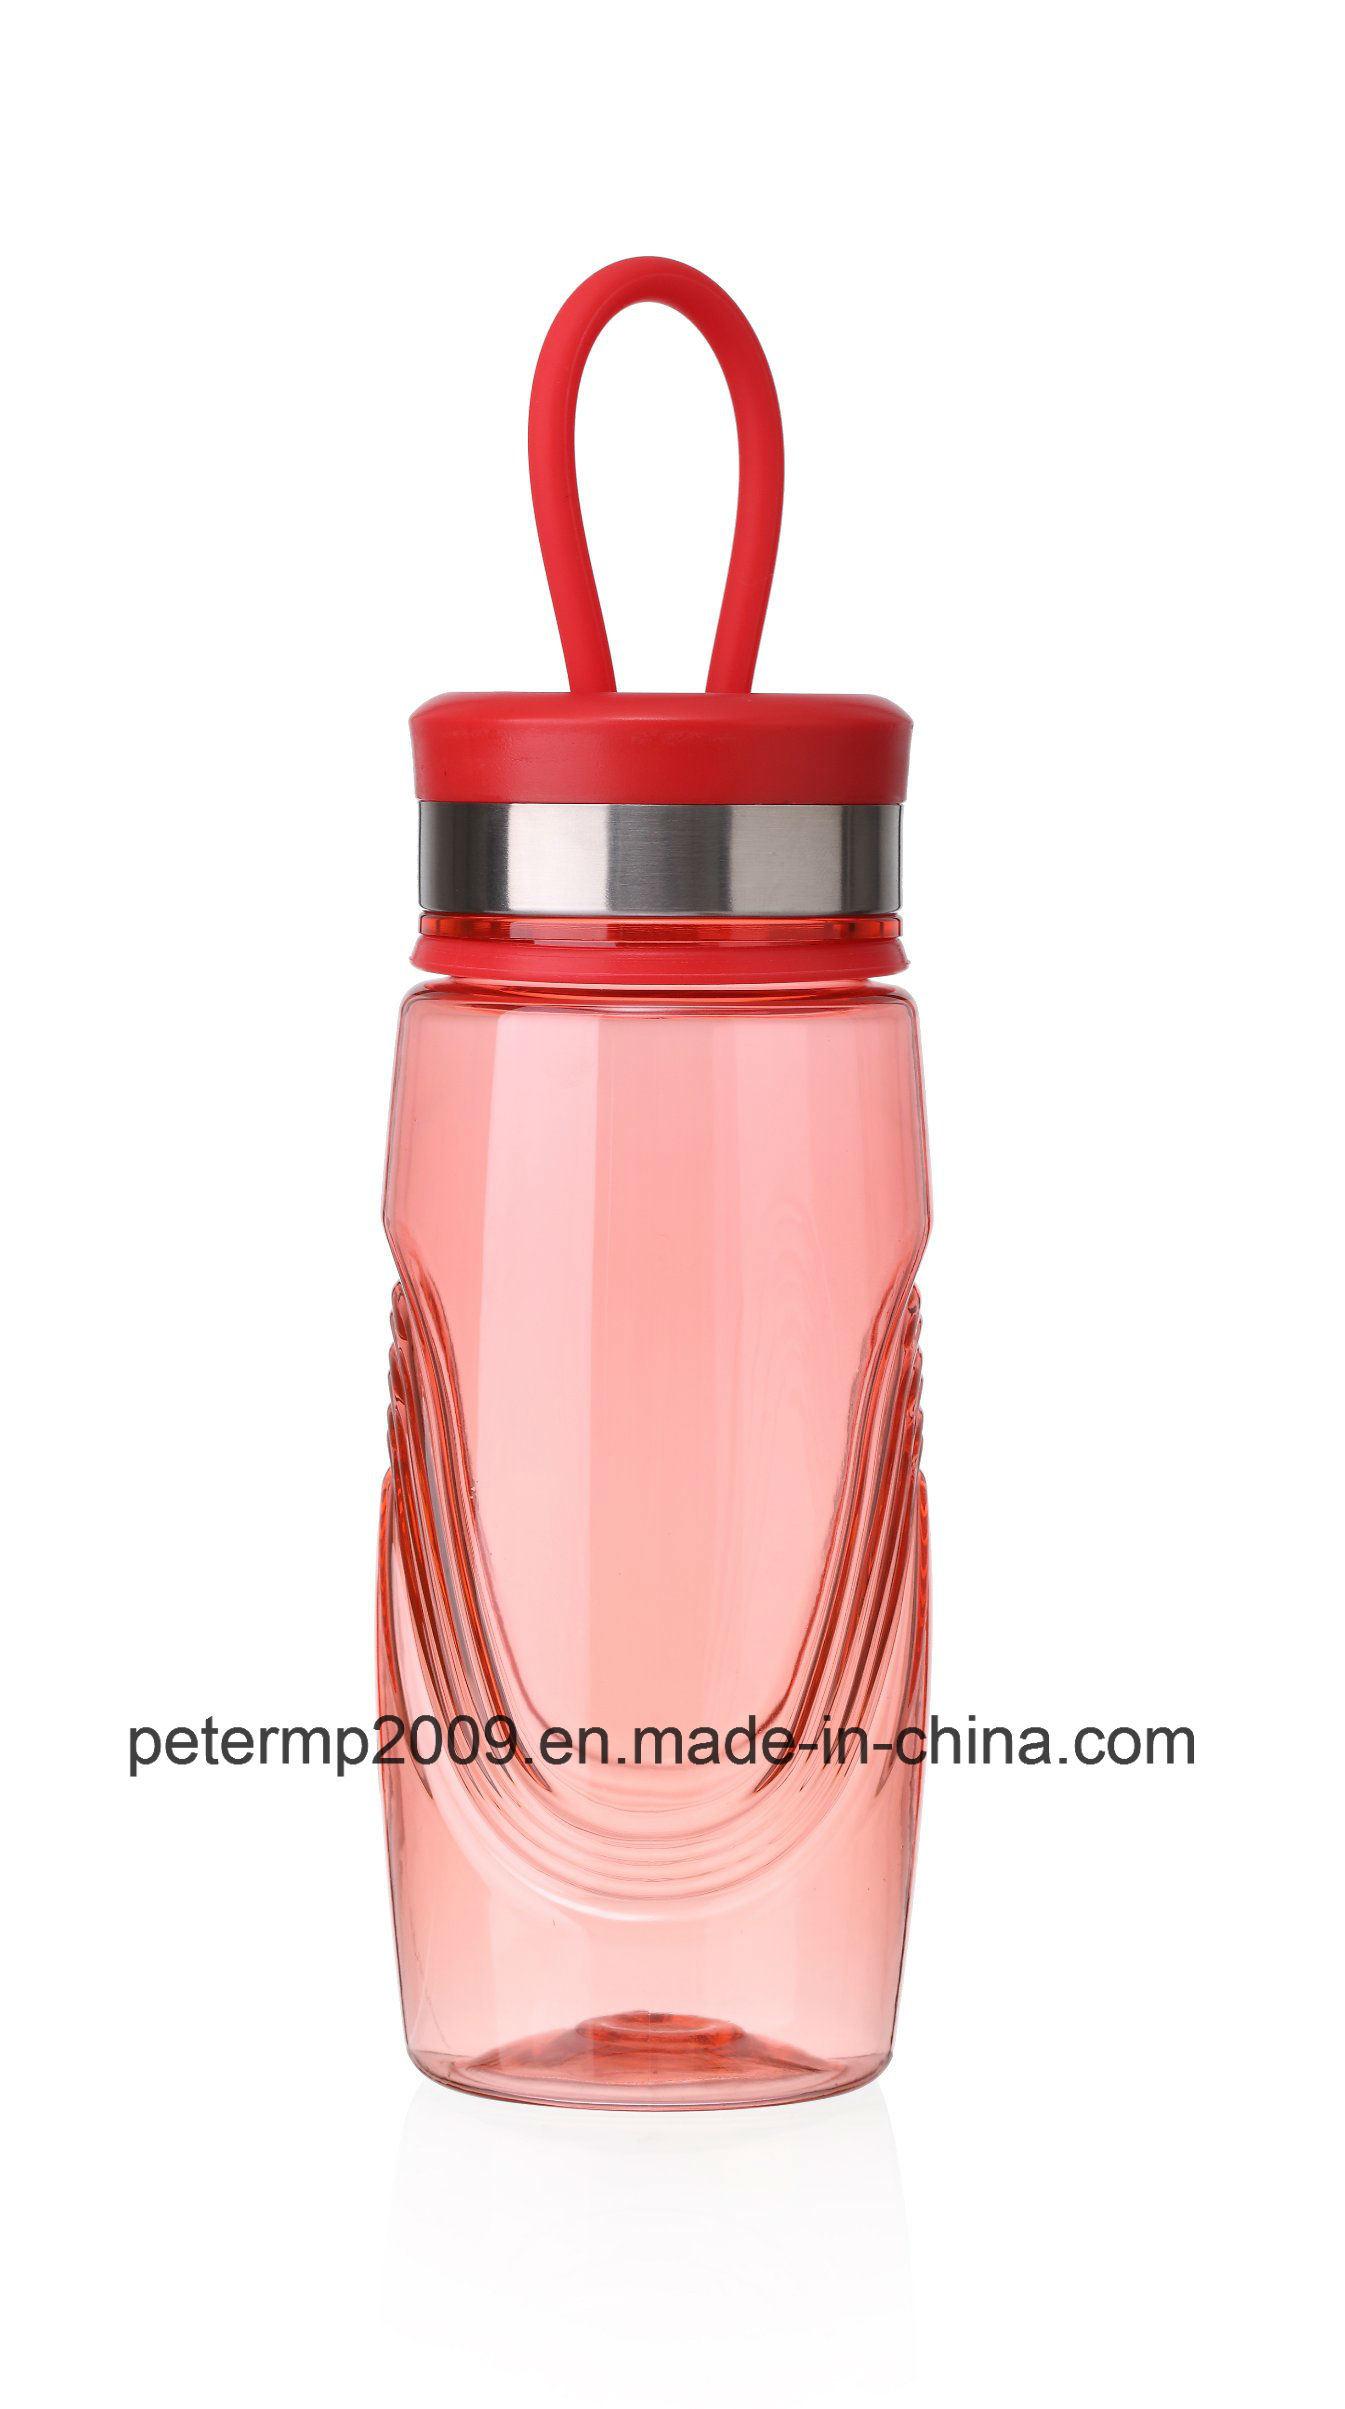 370ml Plastic Water Bottles with Screw Cap, Sport Water Bottle, Colorful Water Bottle